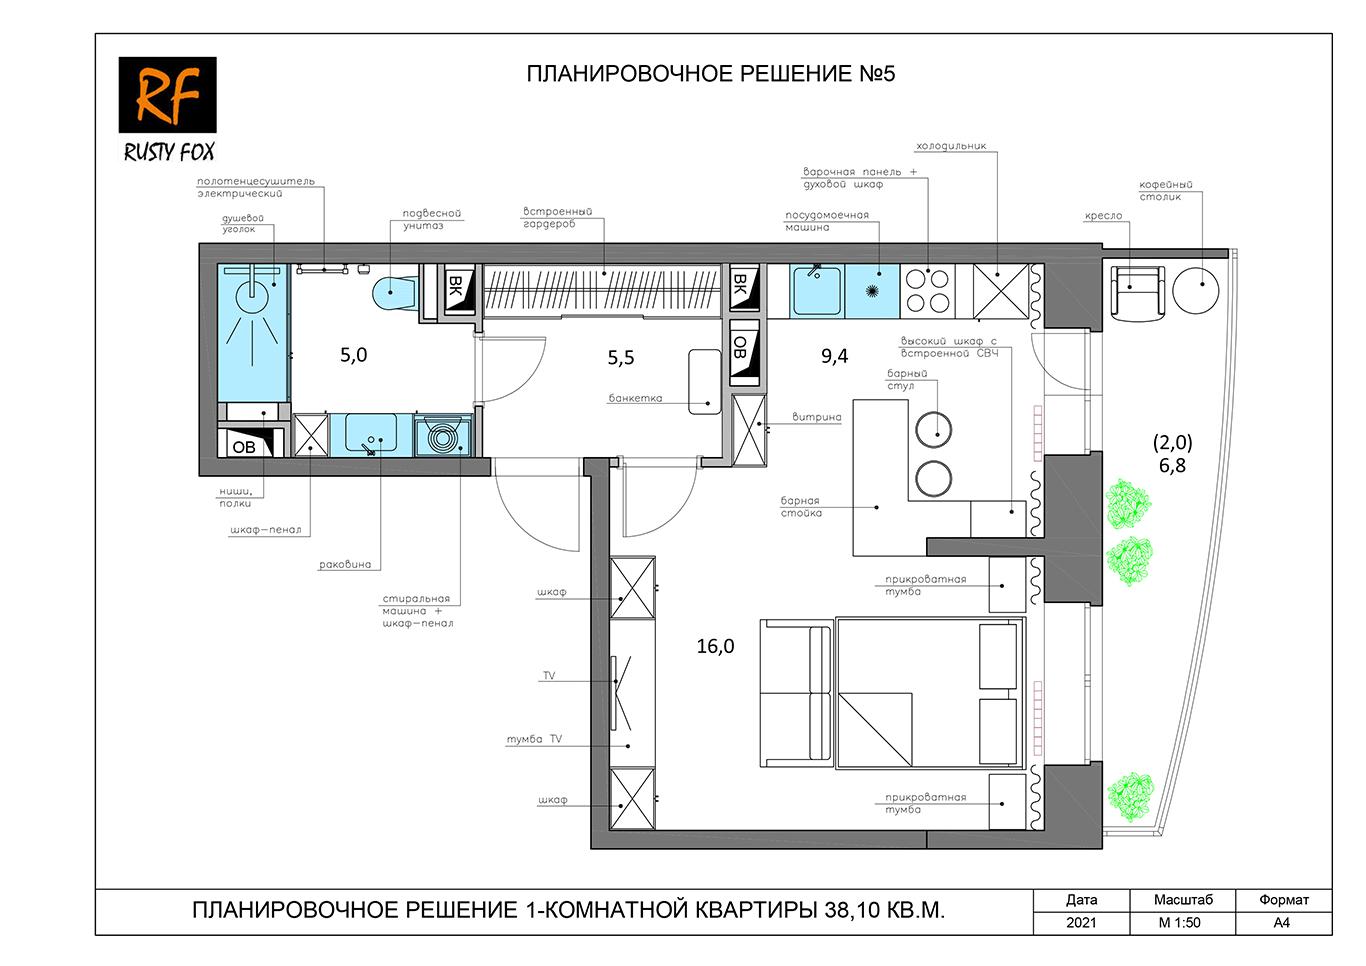 ЖК Люберцы корпус 54. Планировочное решение №5 1-комнатная квартира правая 38,10 кв.м.